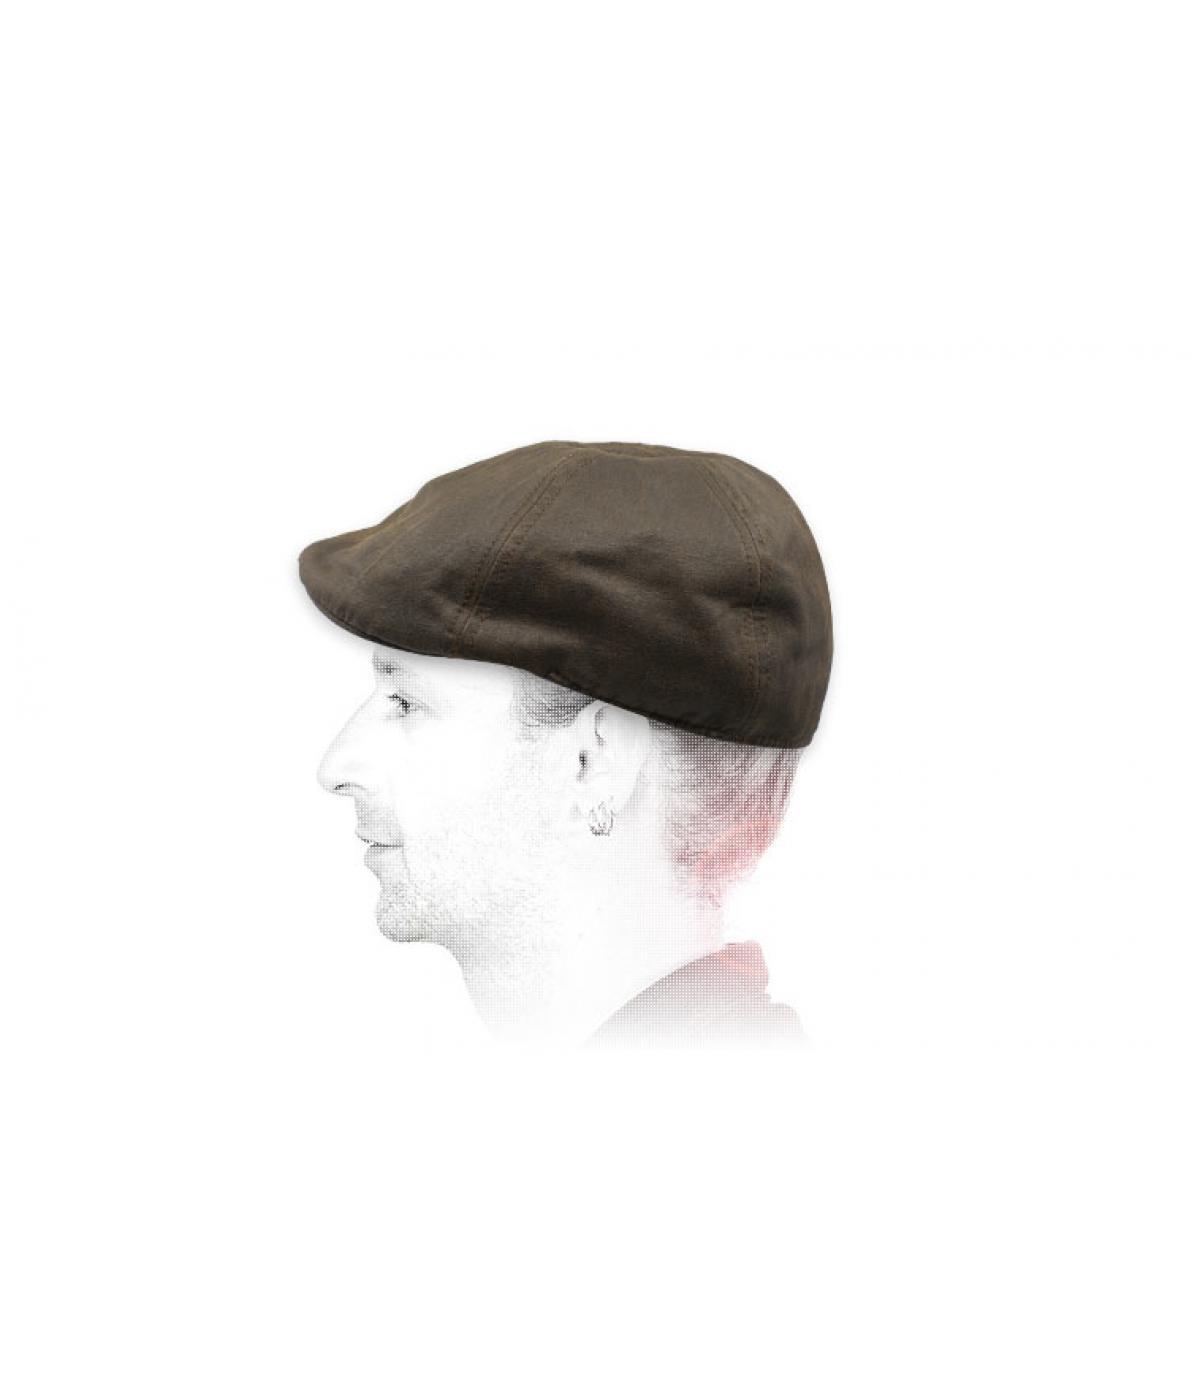 Duckbill Cap braun Baumwolle